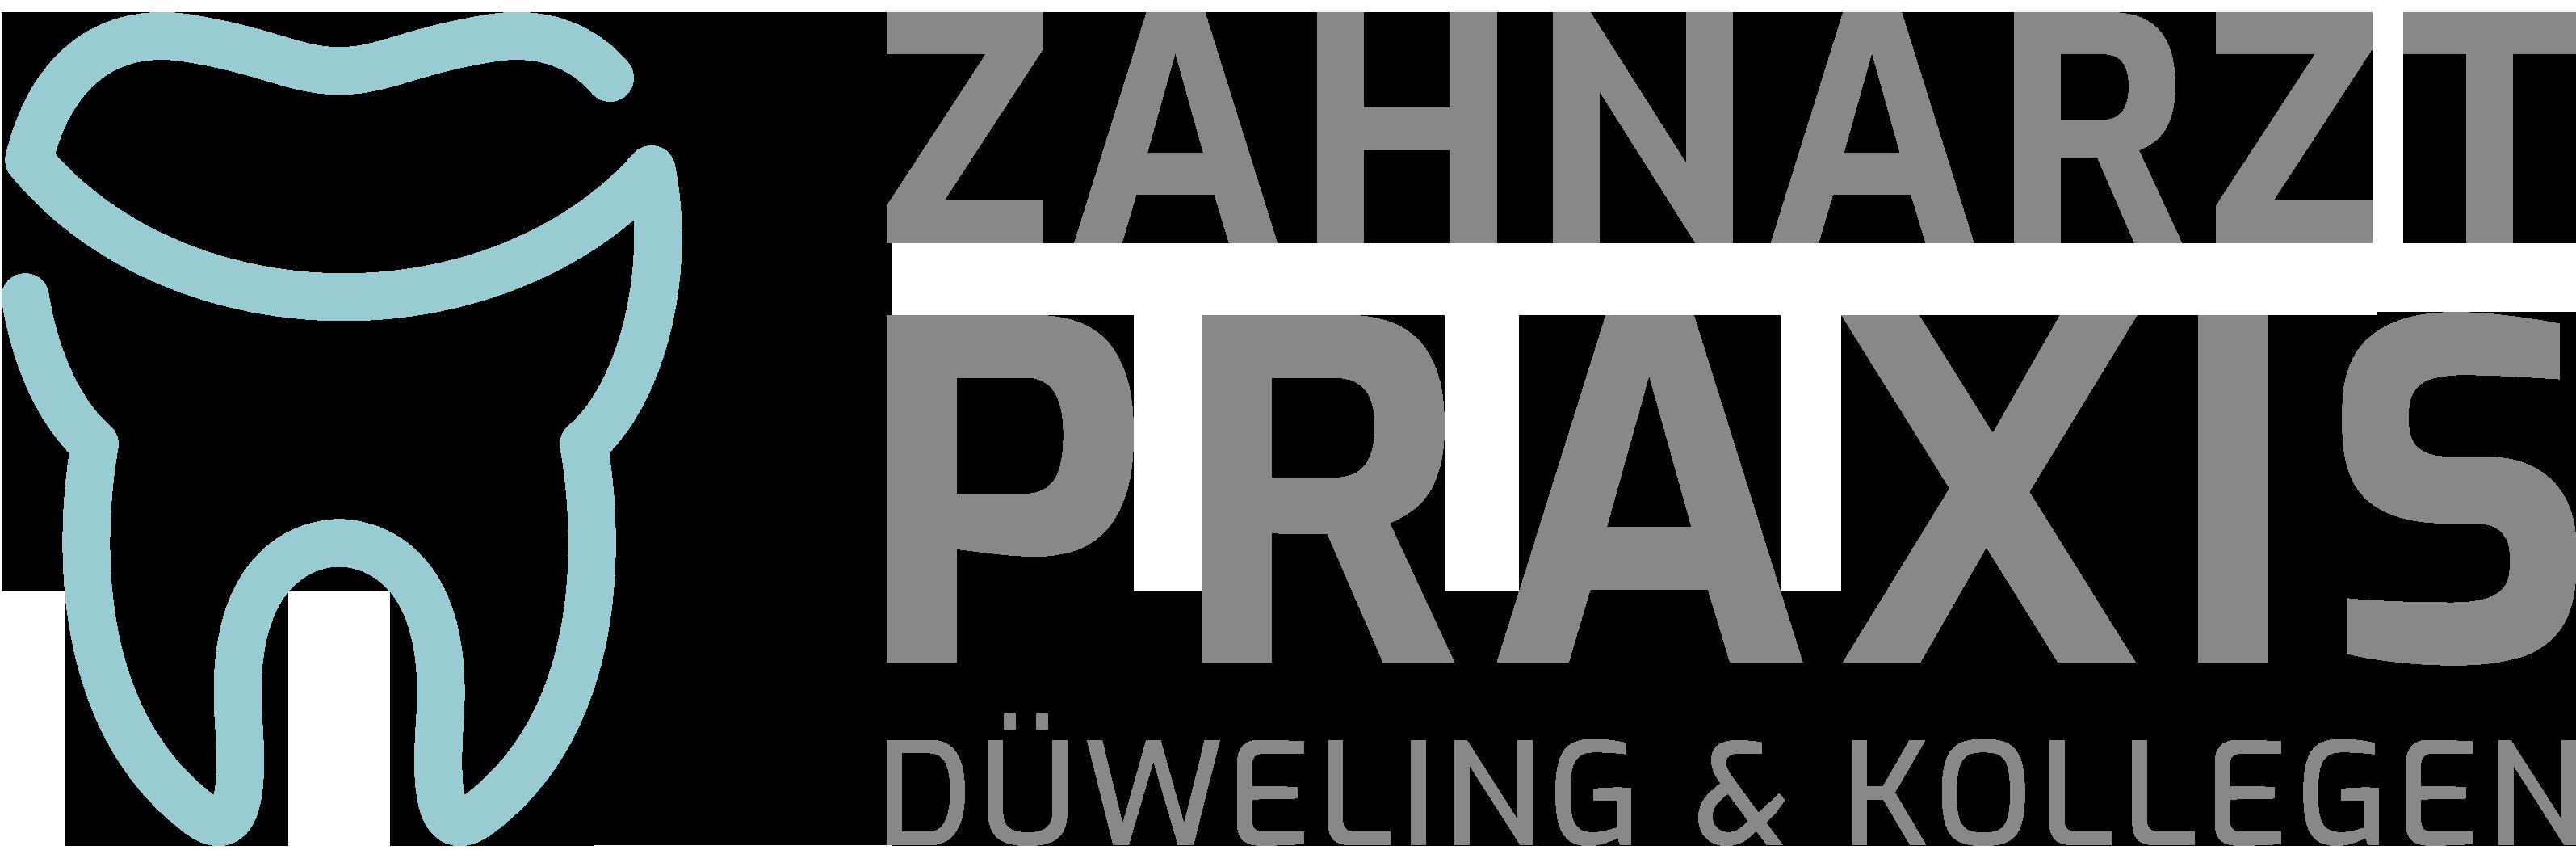 Tahnarztpraxis Düweling & Kollegen